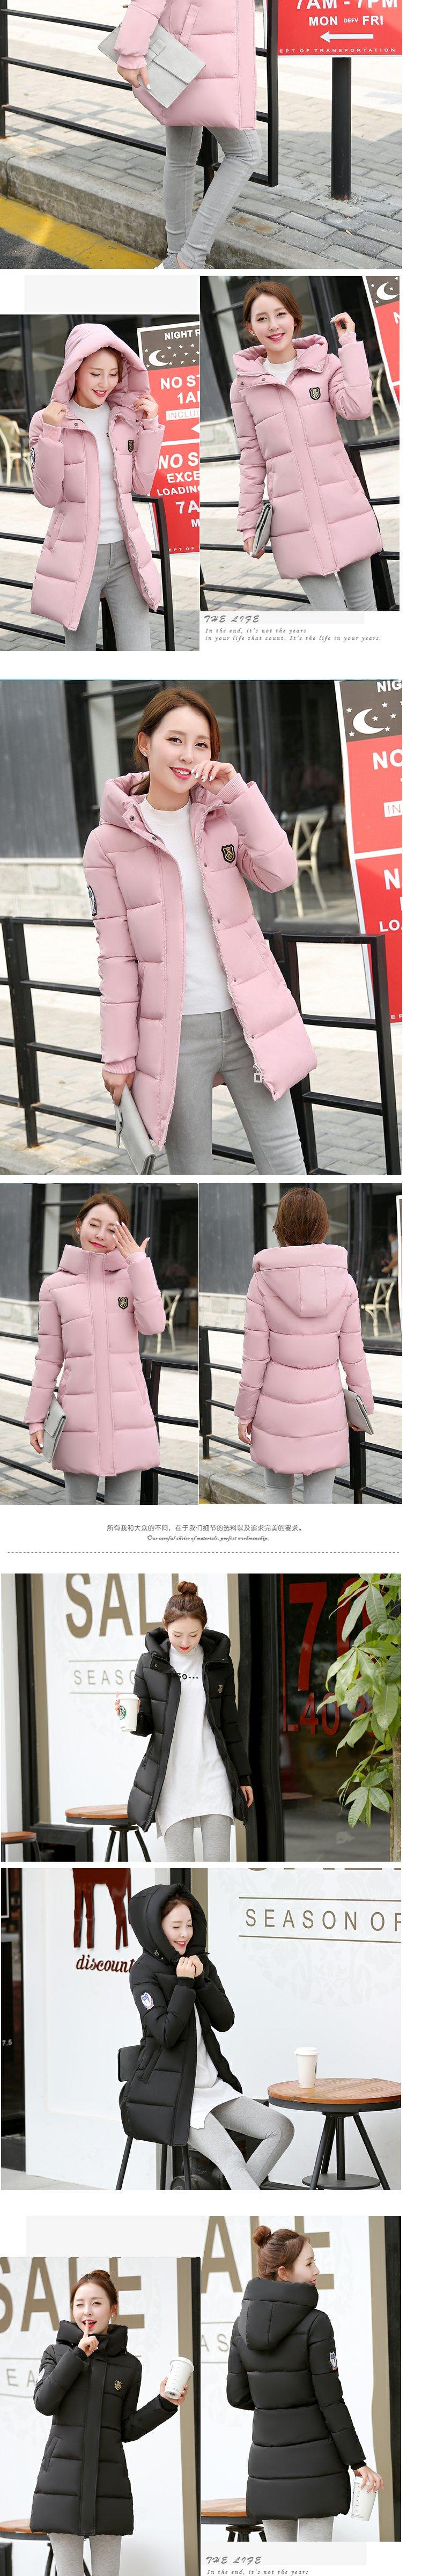 Скидки на 2016 Осень зимняя куртка повседневная женщины с длинным рукавом с капюшоном средний длинные парки новый твердые тонкий теплый розовый хлопок ватник mujer